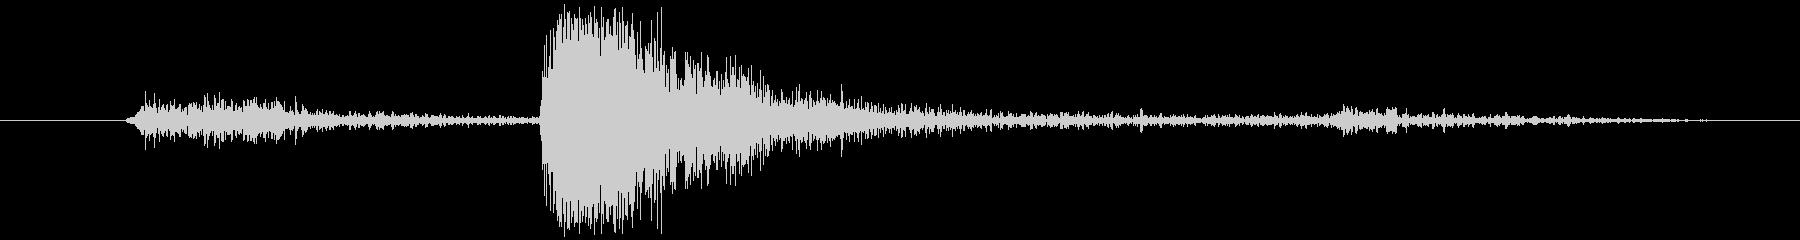 擬音 インパクトシートメタルブライト01の未再生の波形